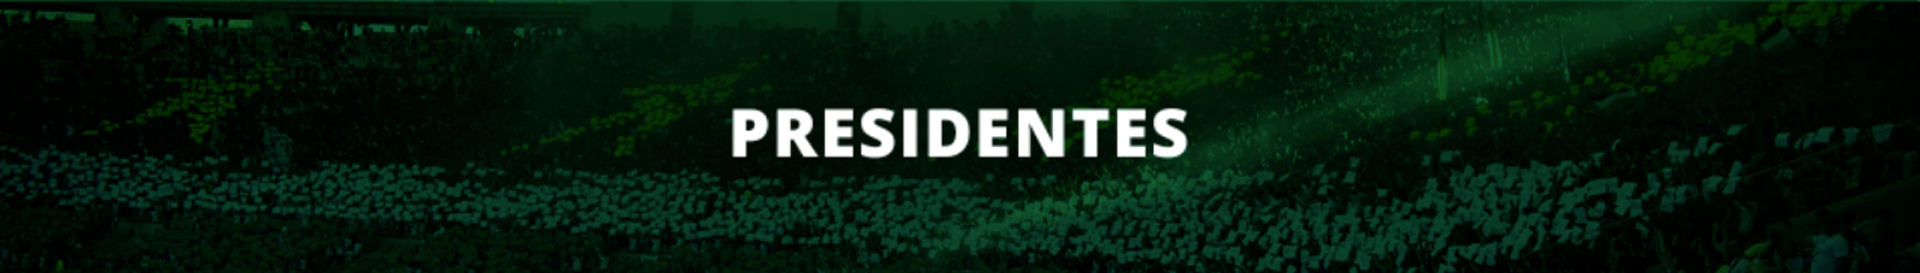 Bg presidente